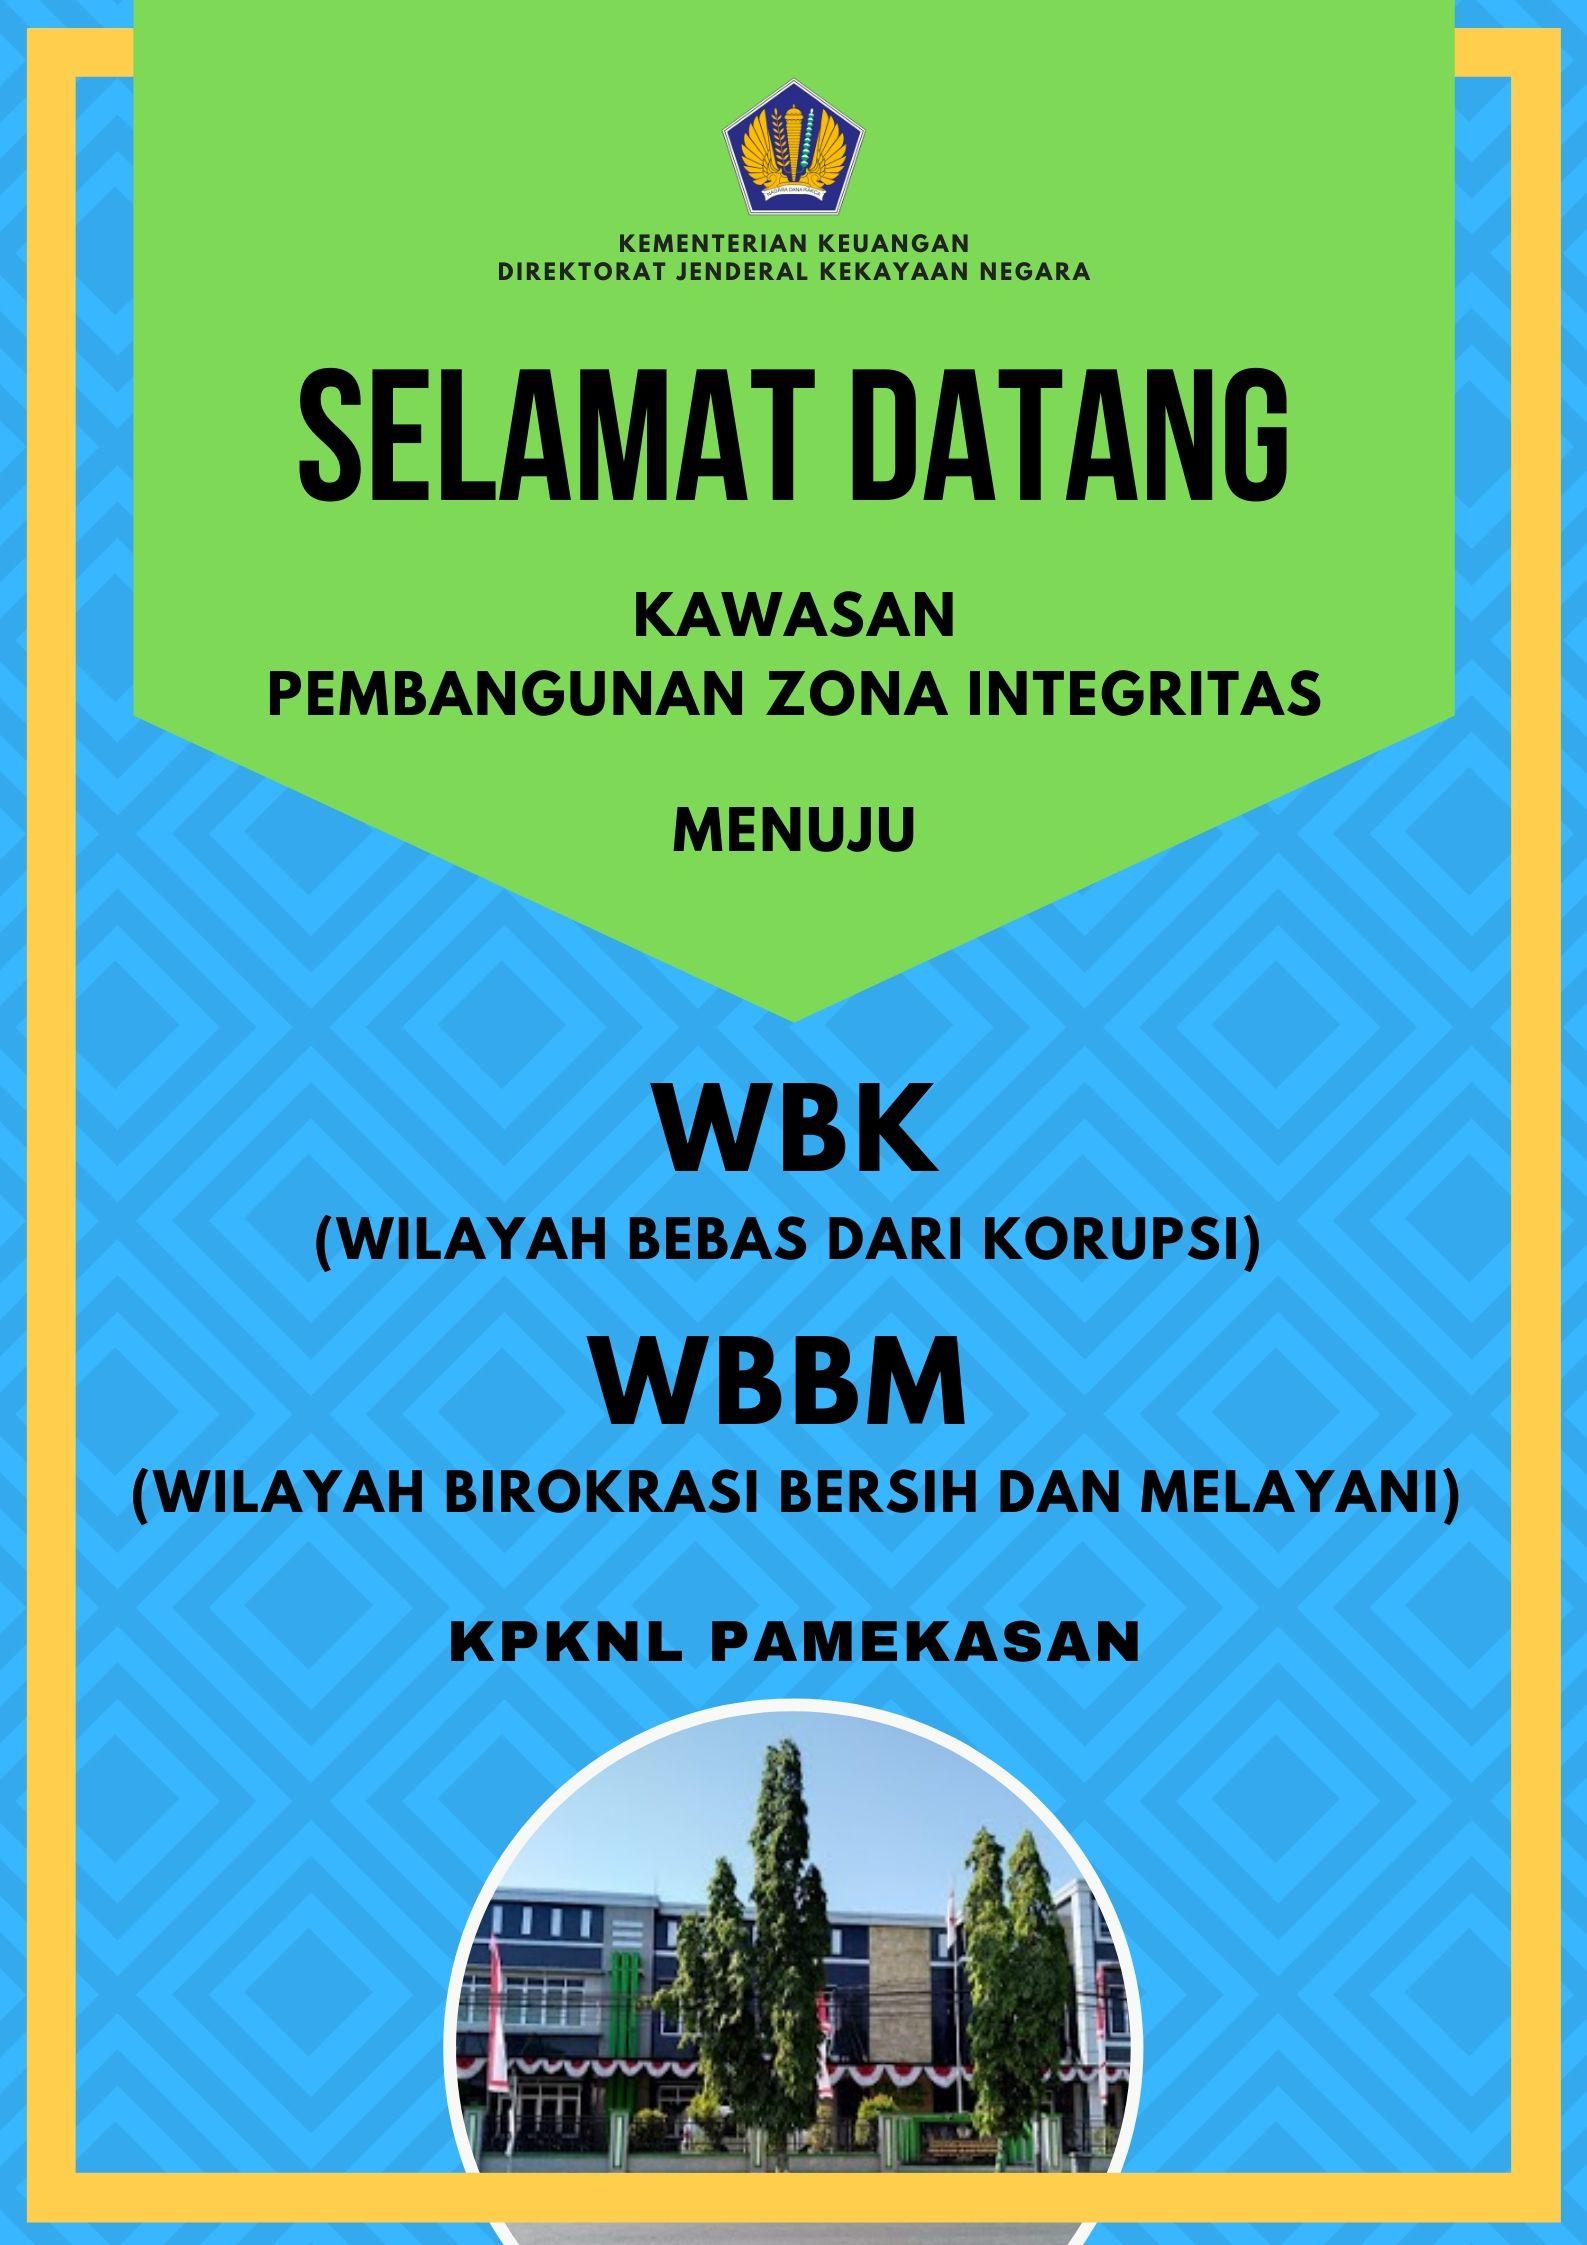 Zona Integritas menuju Wilayah Bebas dari Korupsi (WBK) dan Wilayah Birokrasi dan Bersih Melayani (WBBM) di KPKNL Pamekasan